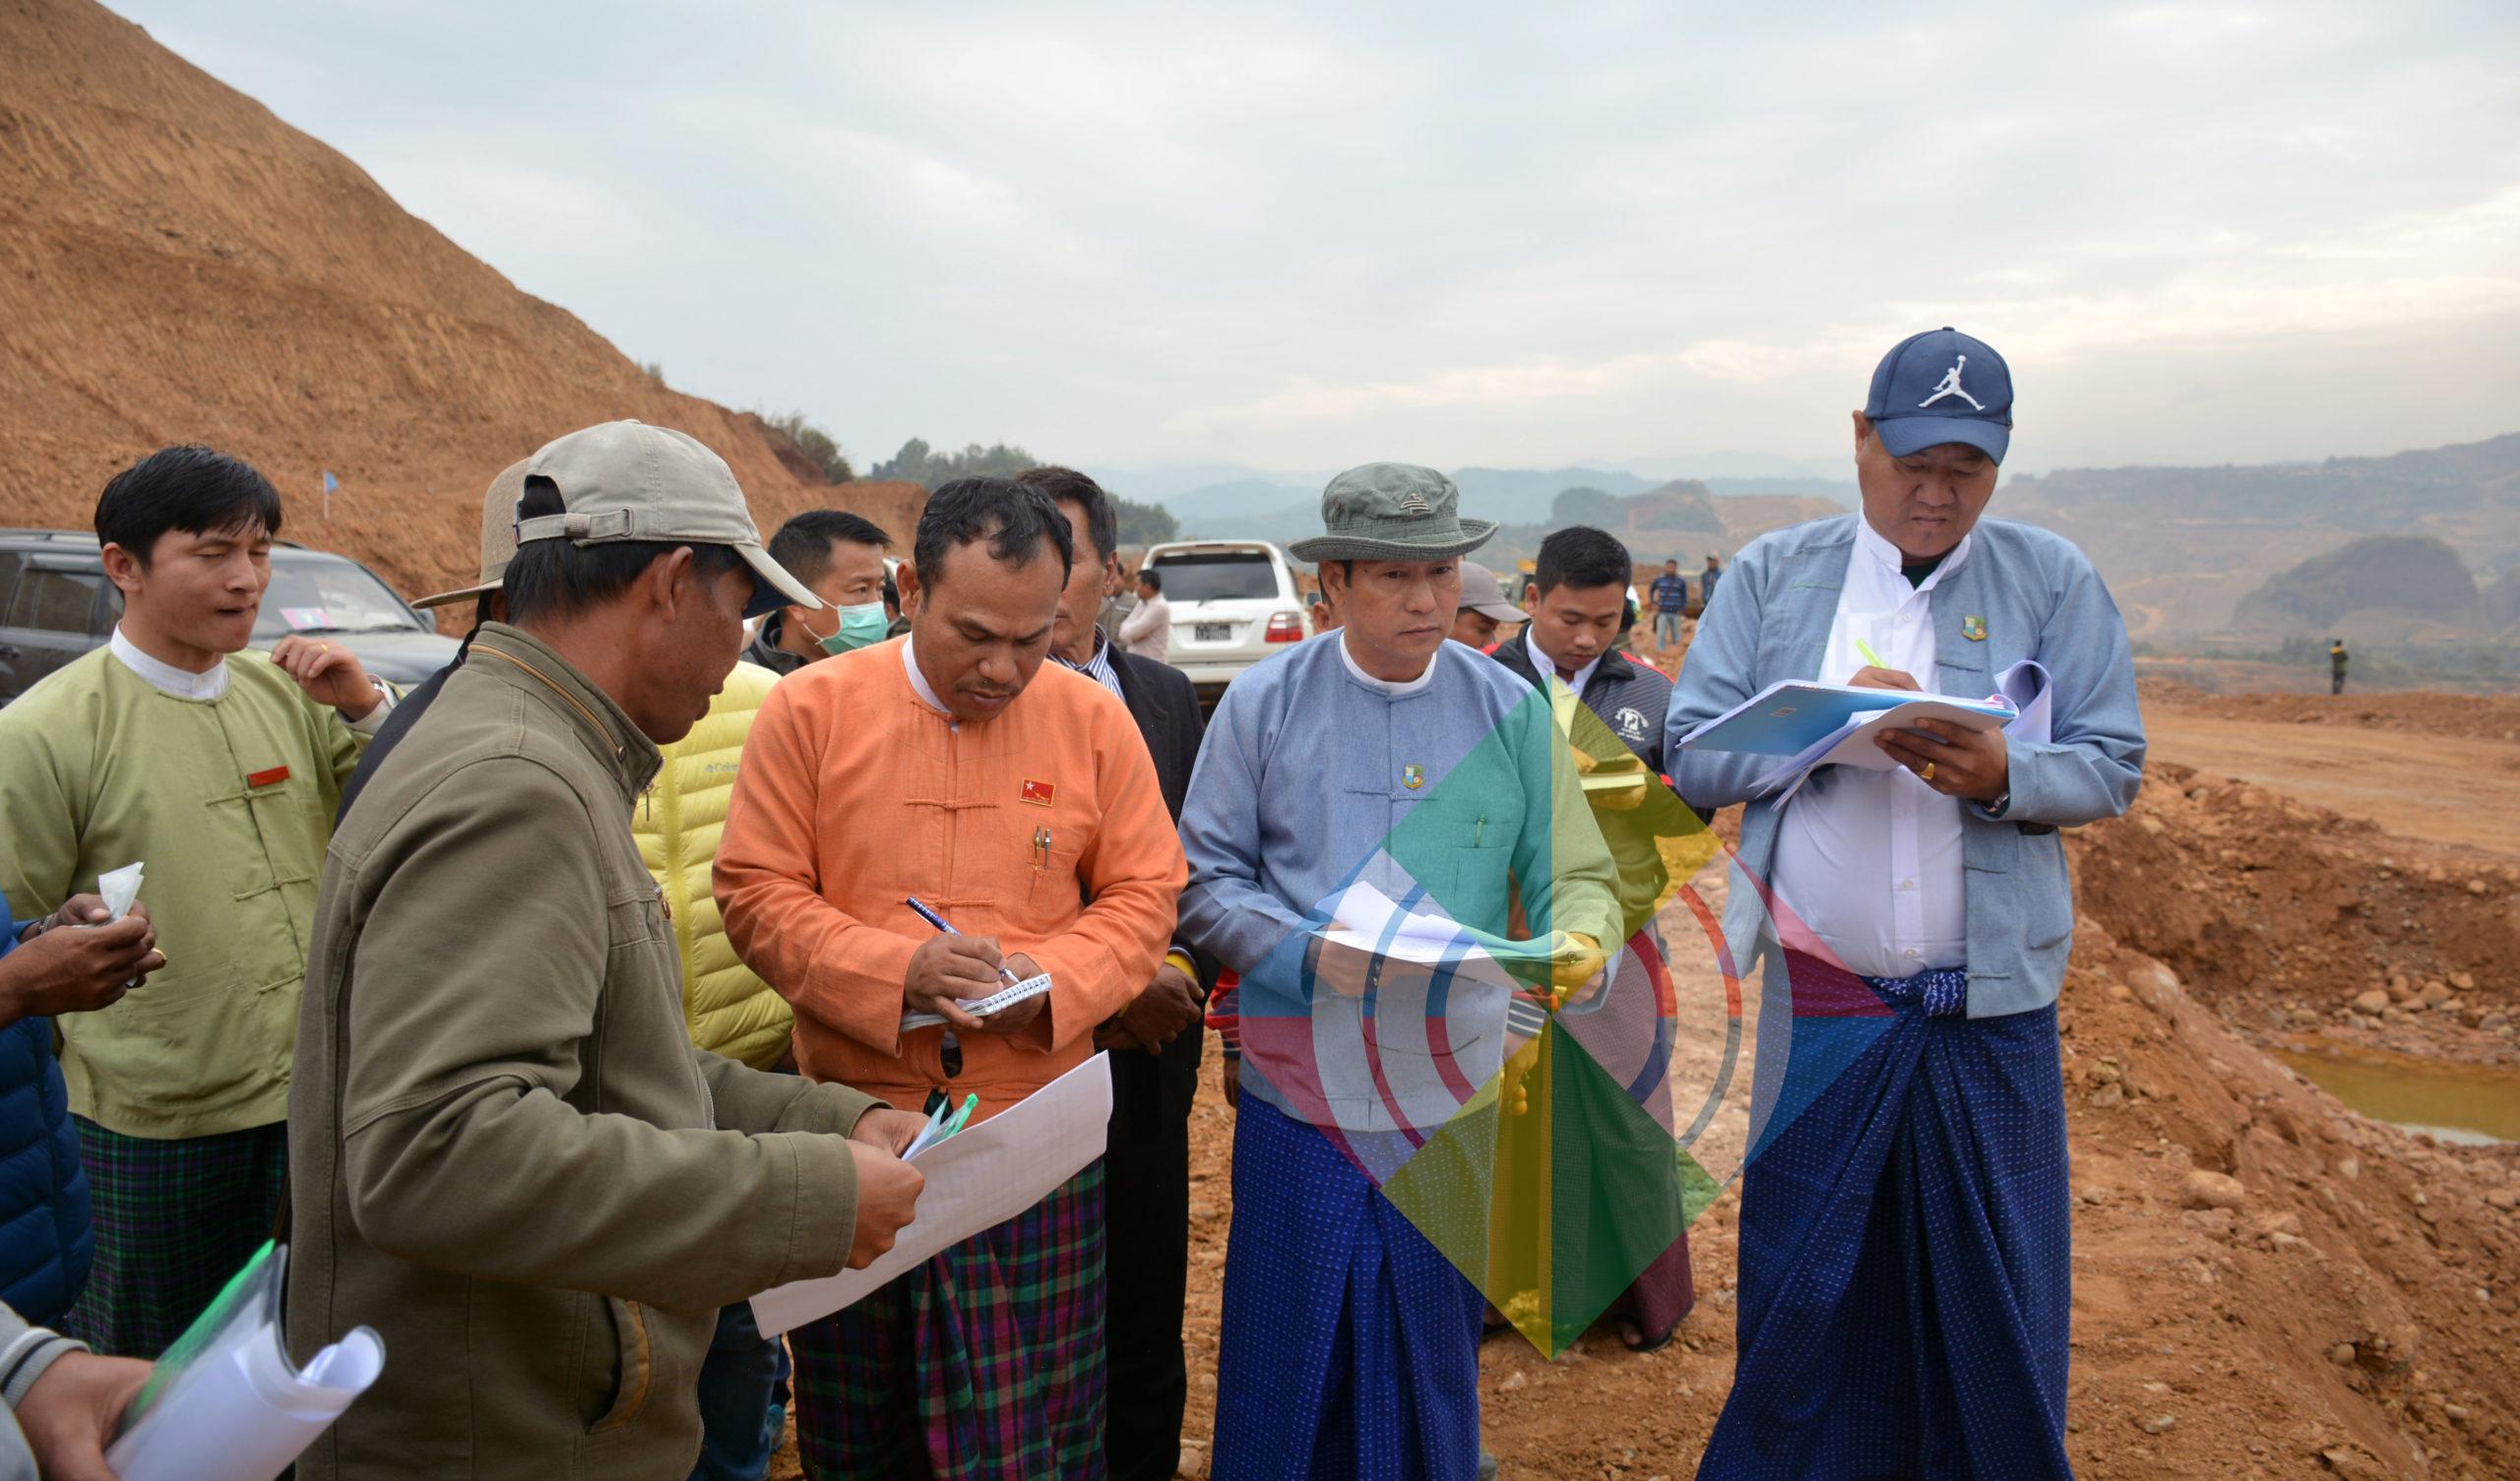 ကျောက်နီထွက်သည့် နမ့်ယာပိုင်းကို လုံခြုံရေးအခြေအနေအရ လုပ်ကွက်ချထားမှုအစီစဉ် ချန်လှပ်